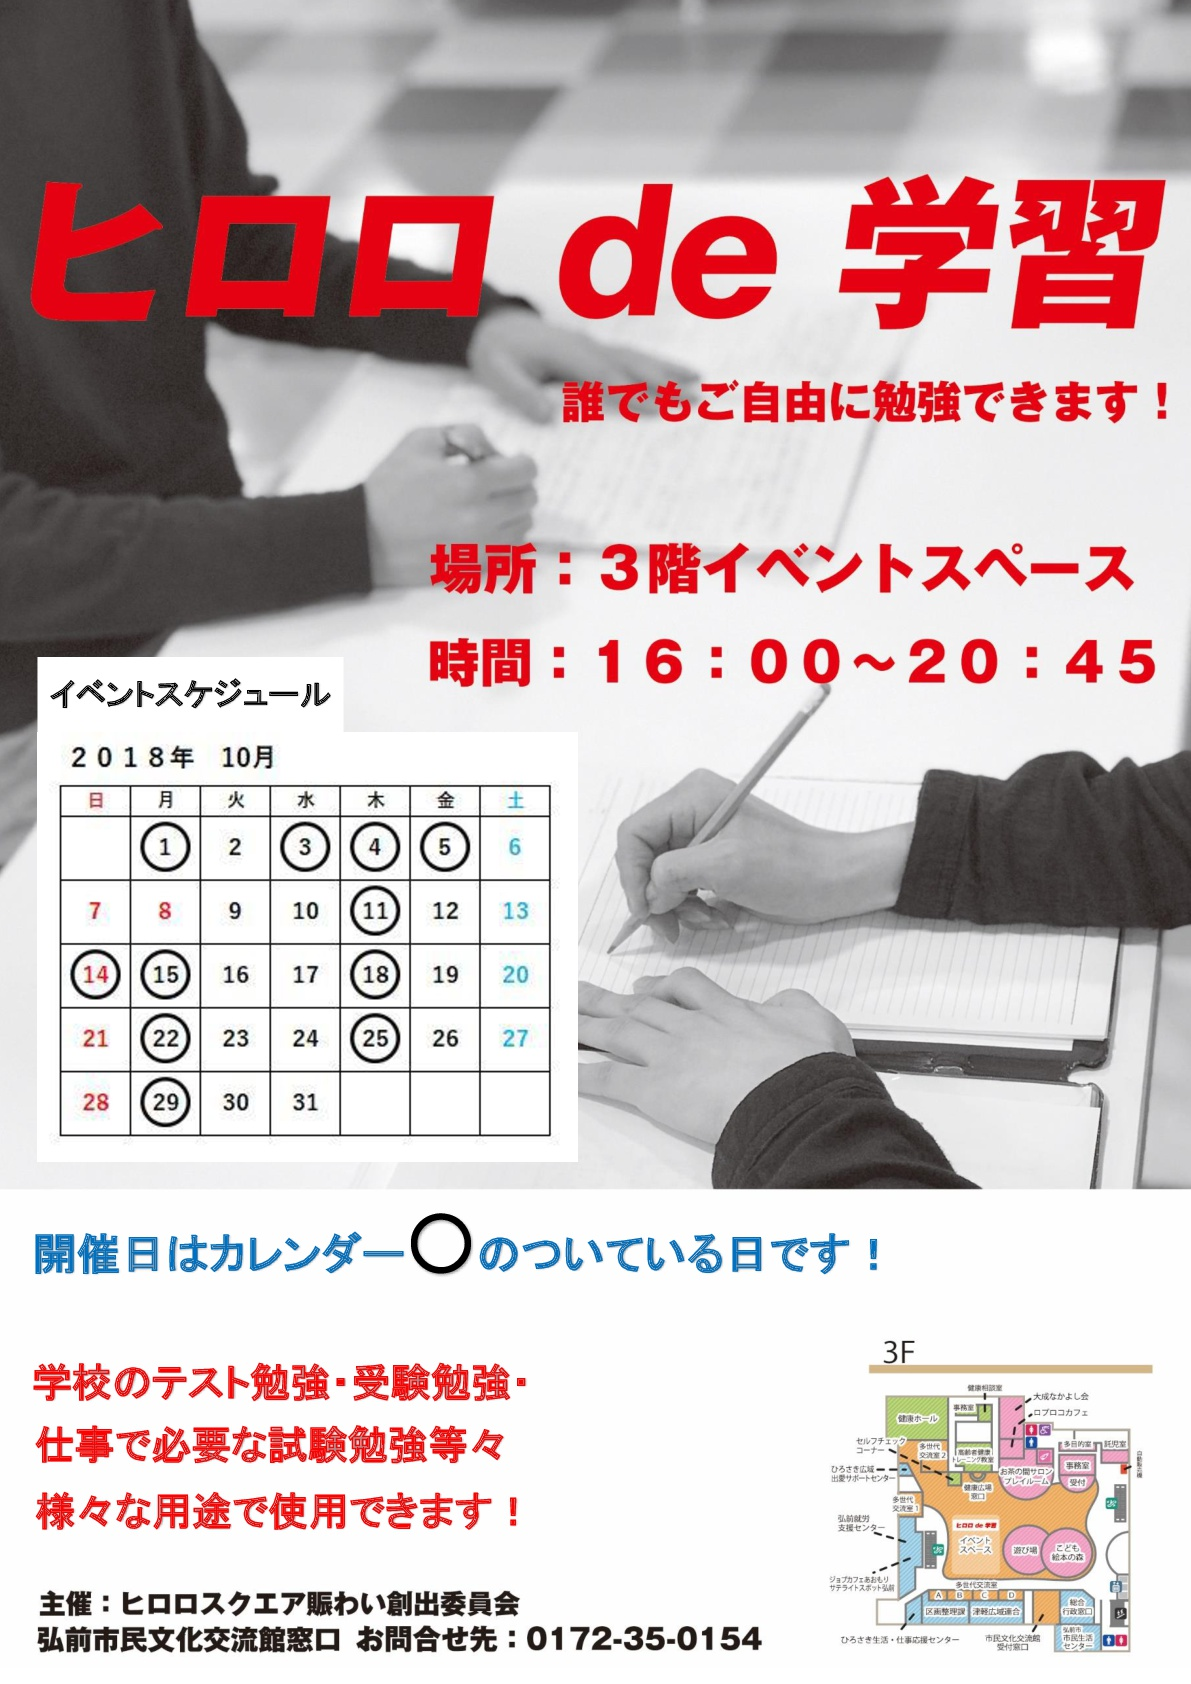 ヒロロde学習チラシ10月.jpg